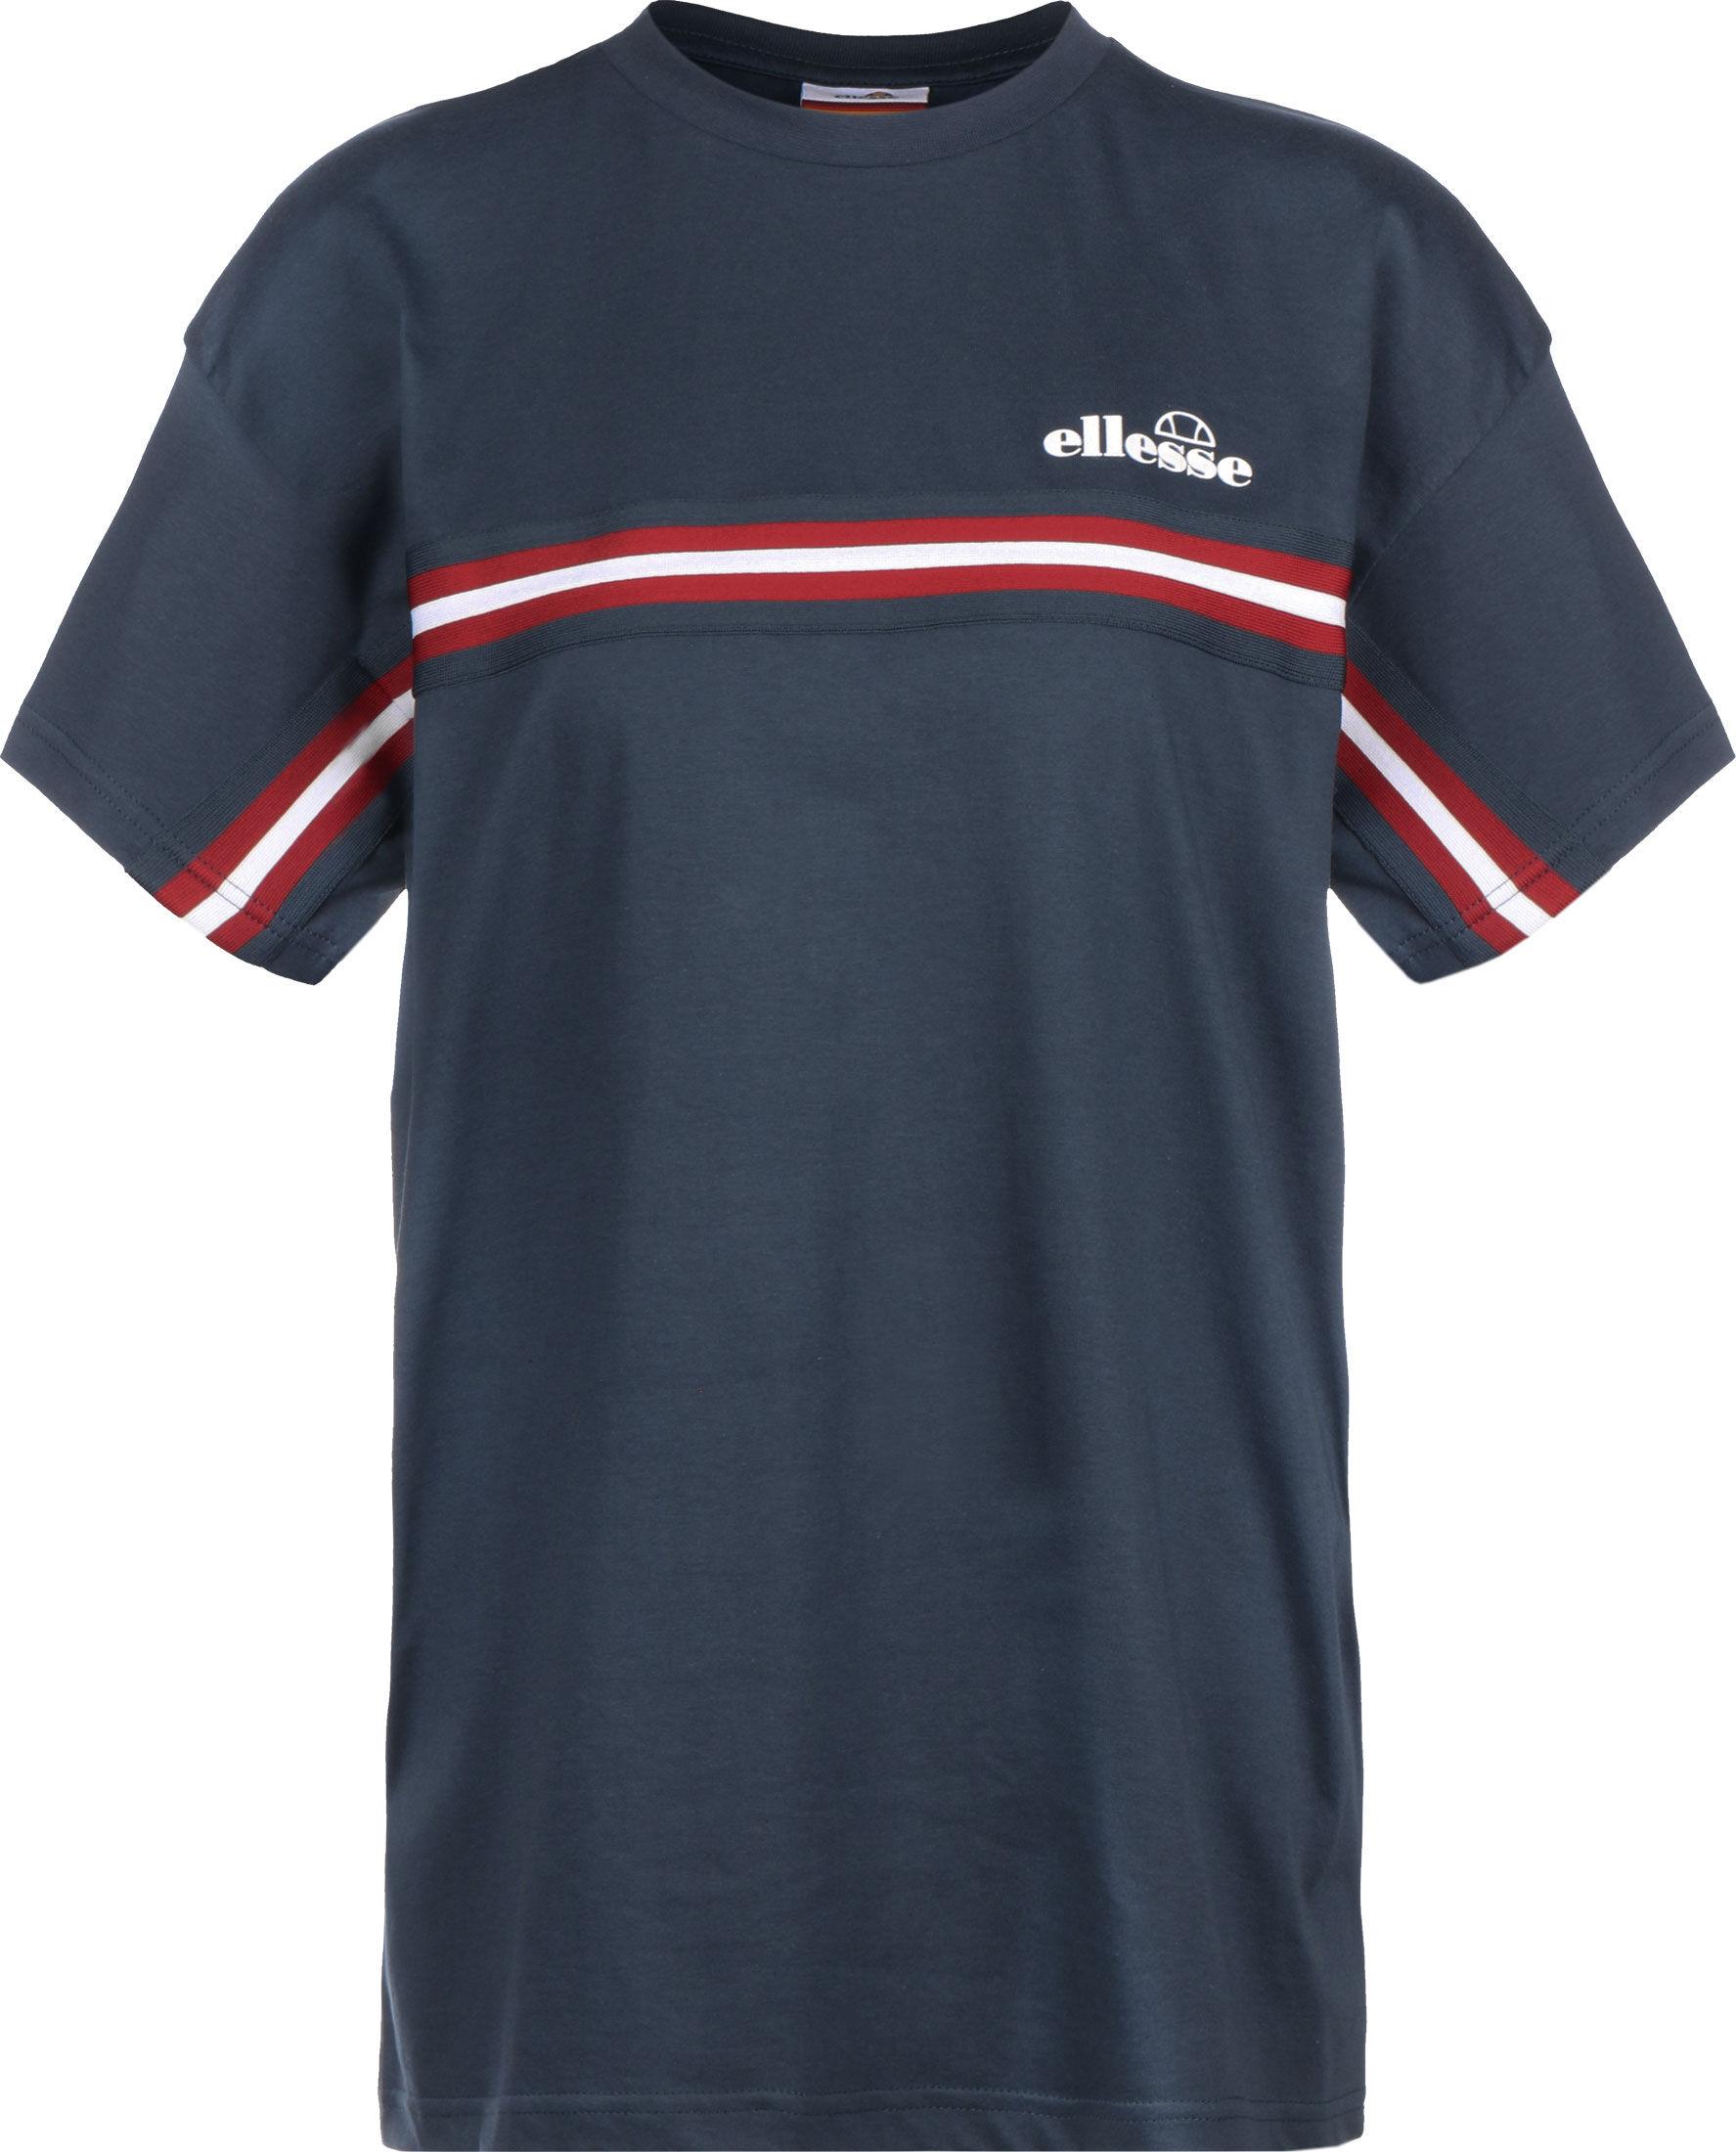 Cucciolo  Damen T-Shirt navy